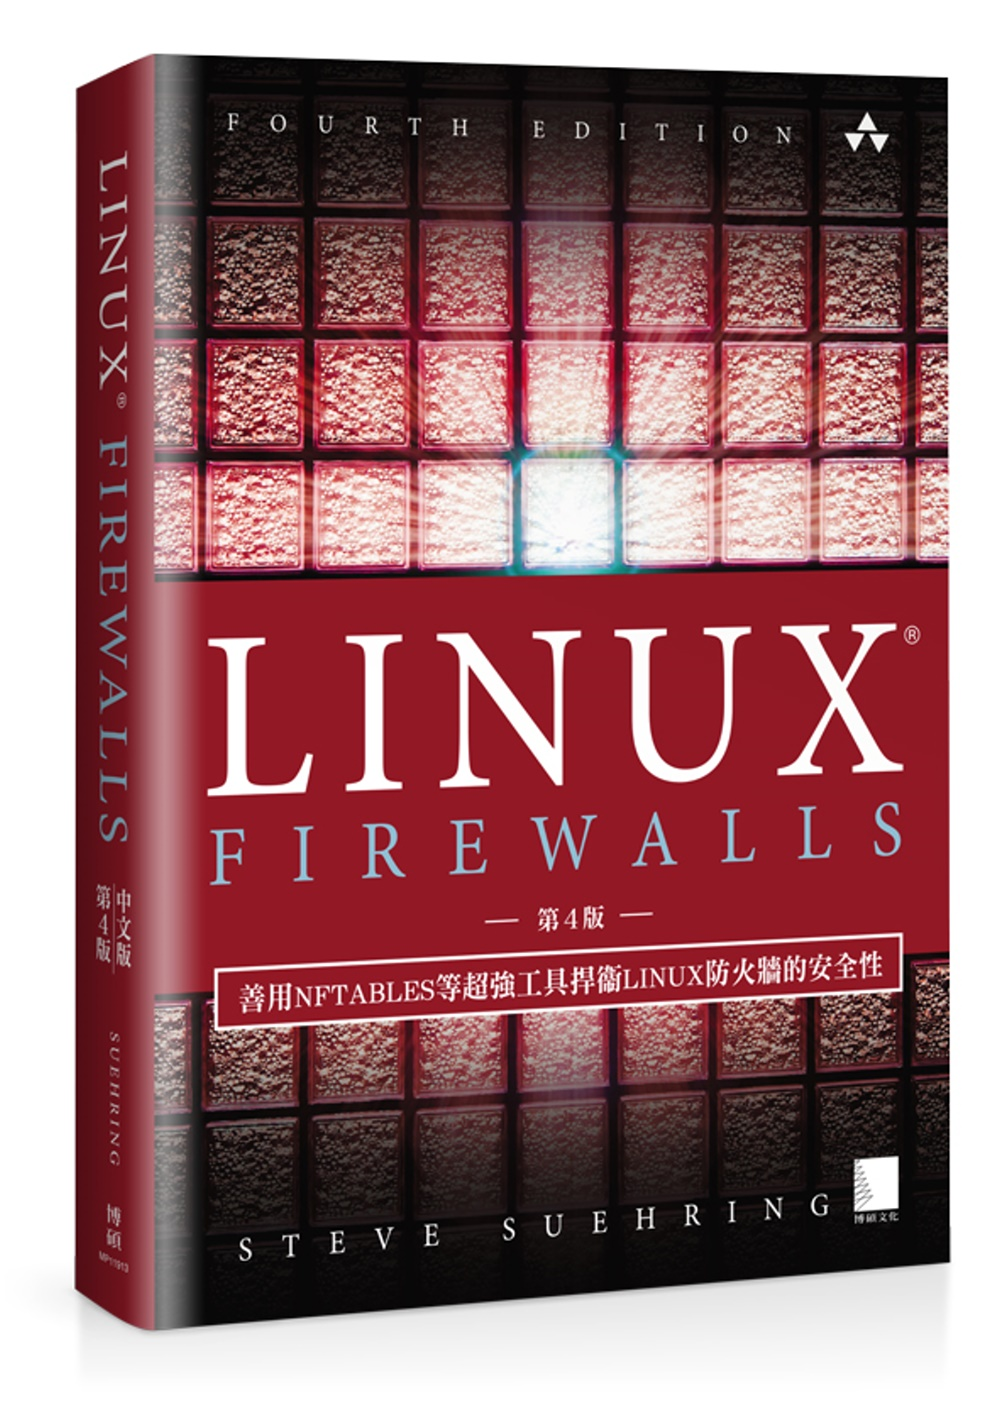 LINUX FIREWALLS中文版(4版):善用NFTABLES等超強工具捍衛LINUX防火牆的安全性